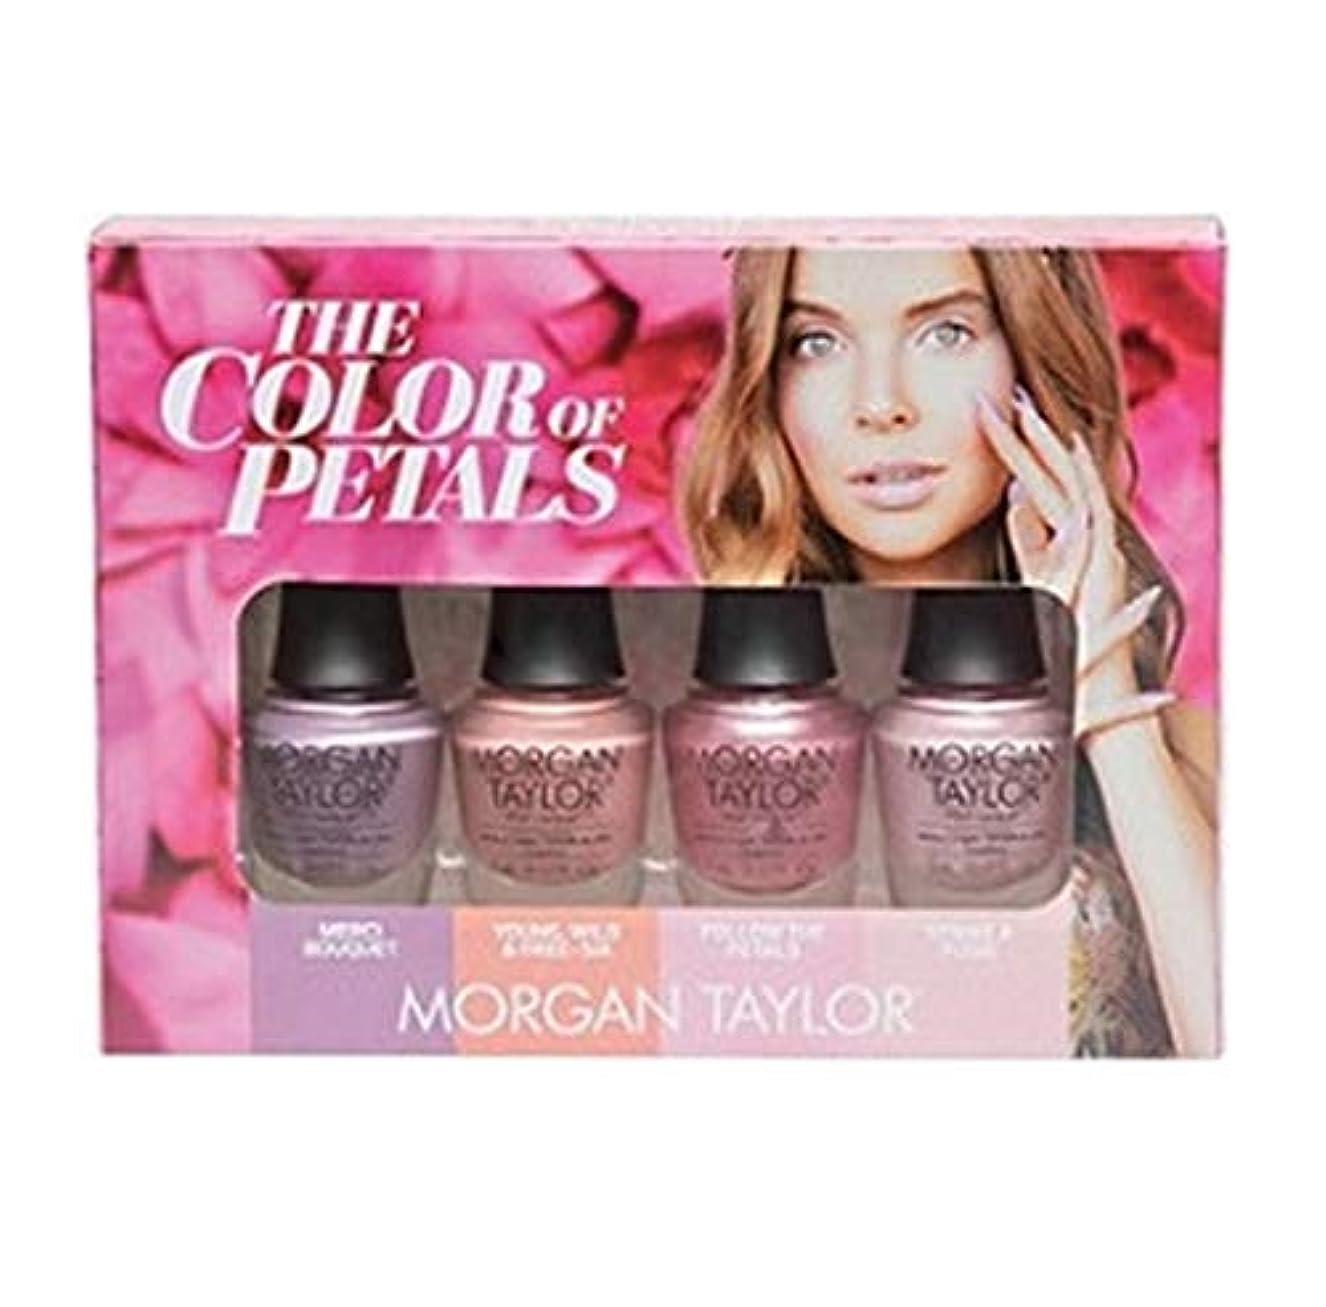 スーパーマーケットピアニスト試用Morgan Taylor - The Color Of Petals Collection - Mini 4 pk - 5 mL / 0.17 oz Each